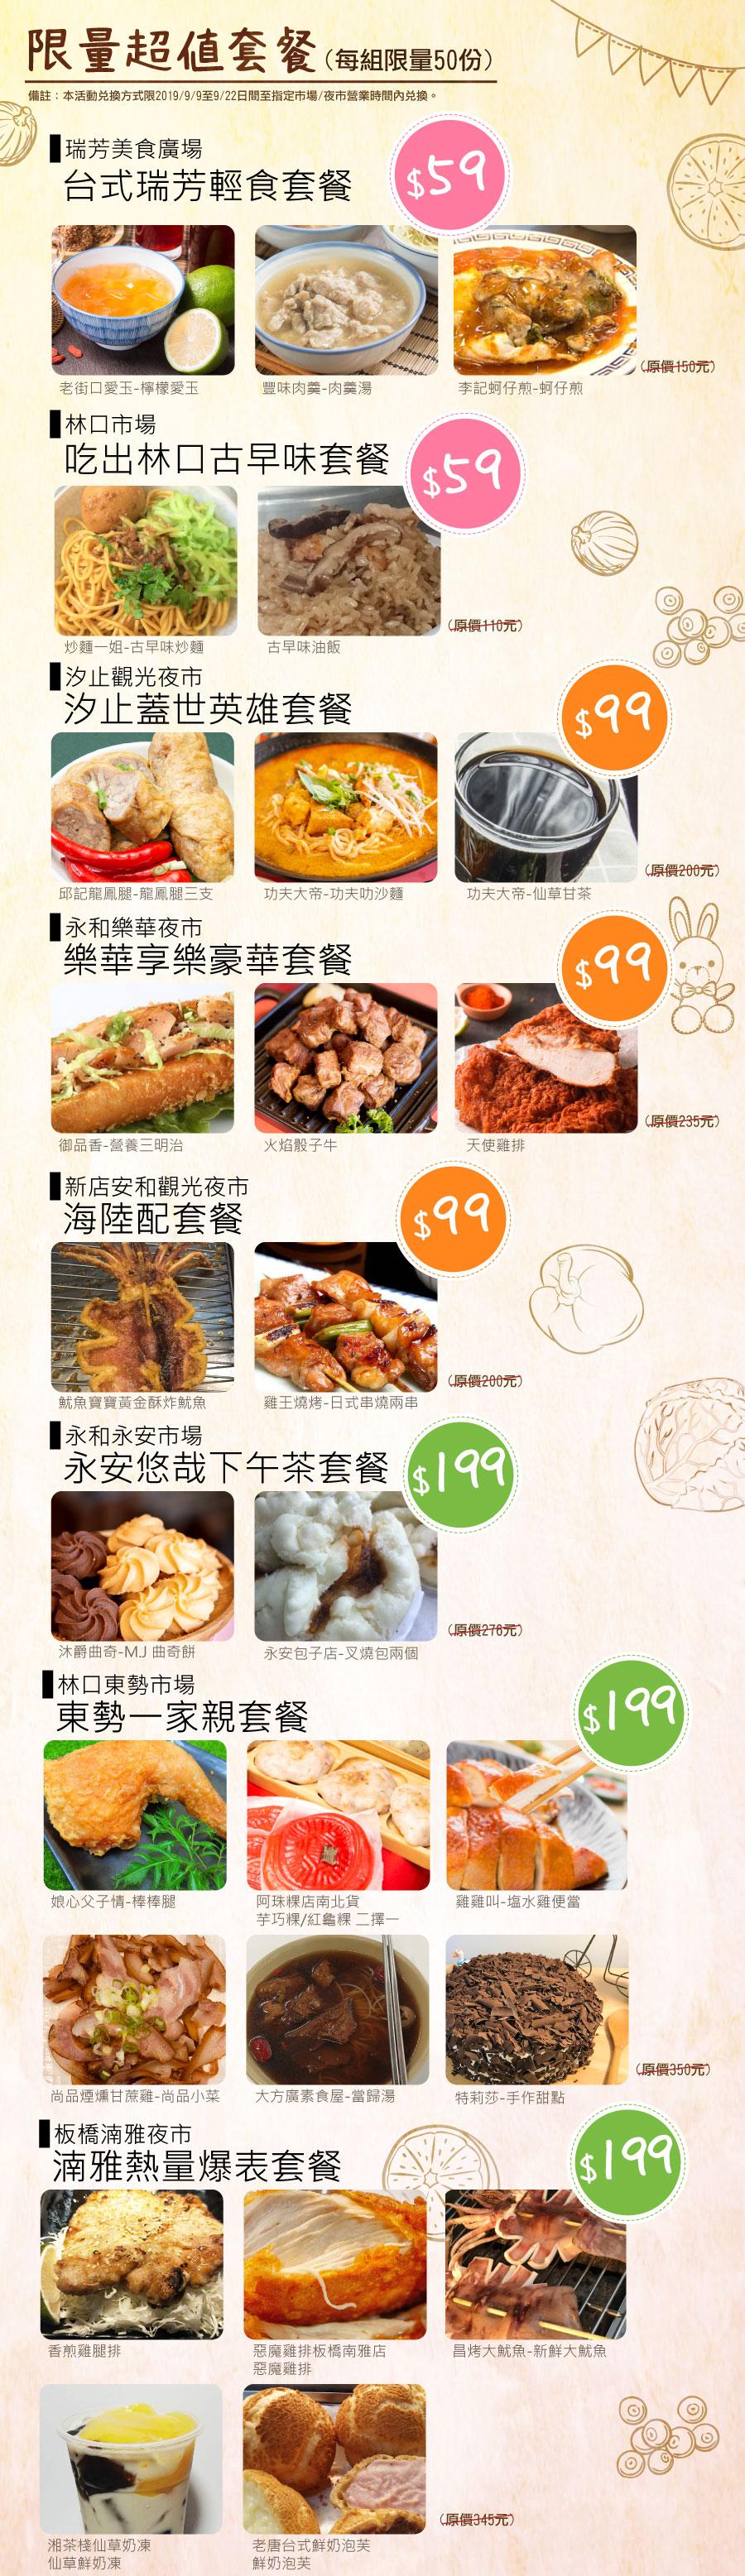 新北好市節美食嘉年華-超值套餐